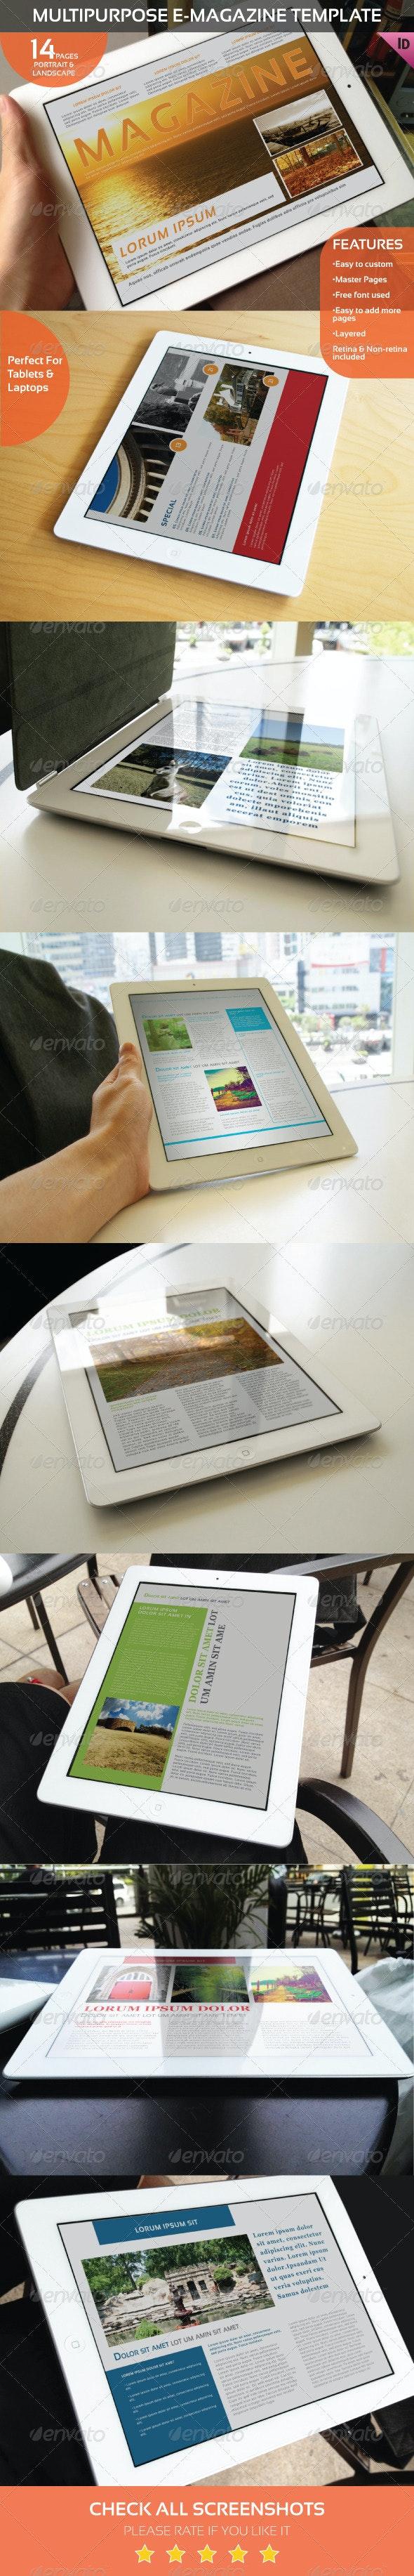 Multipurpose E-Magazine Template - Digital Magazines ePublishing